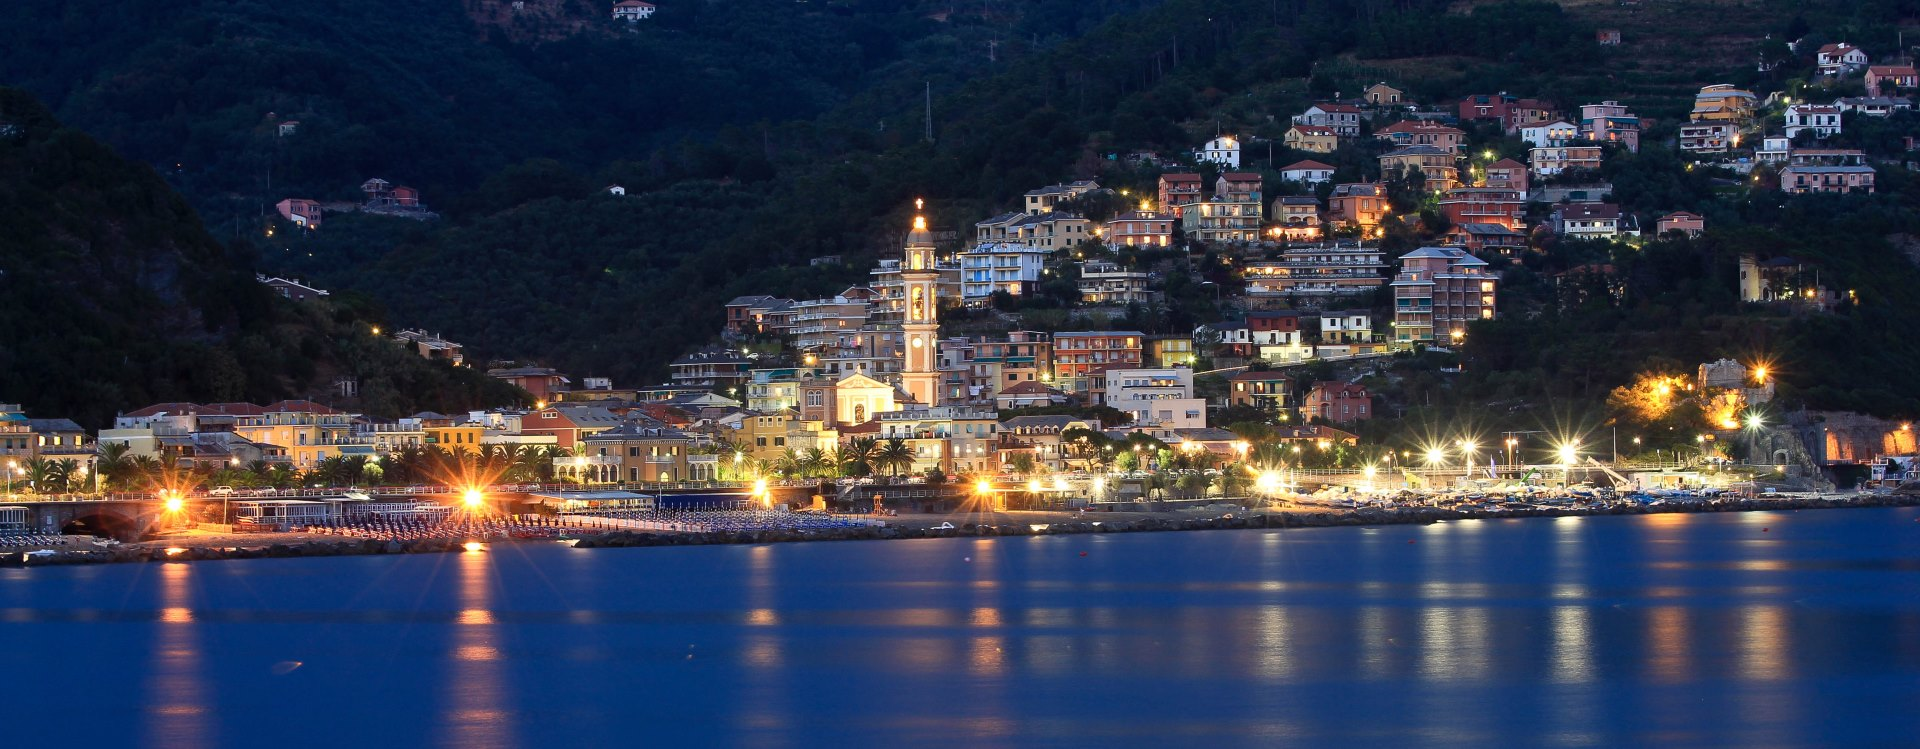 Hotel Moneglia Italien